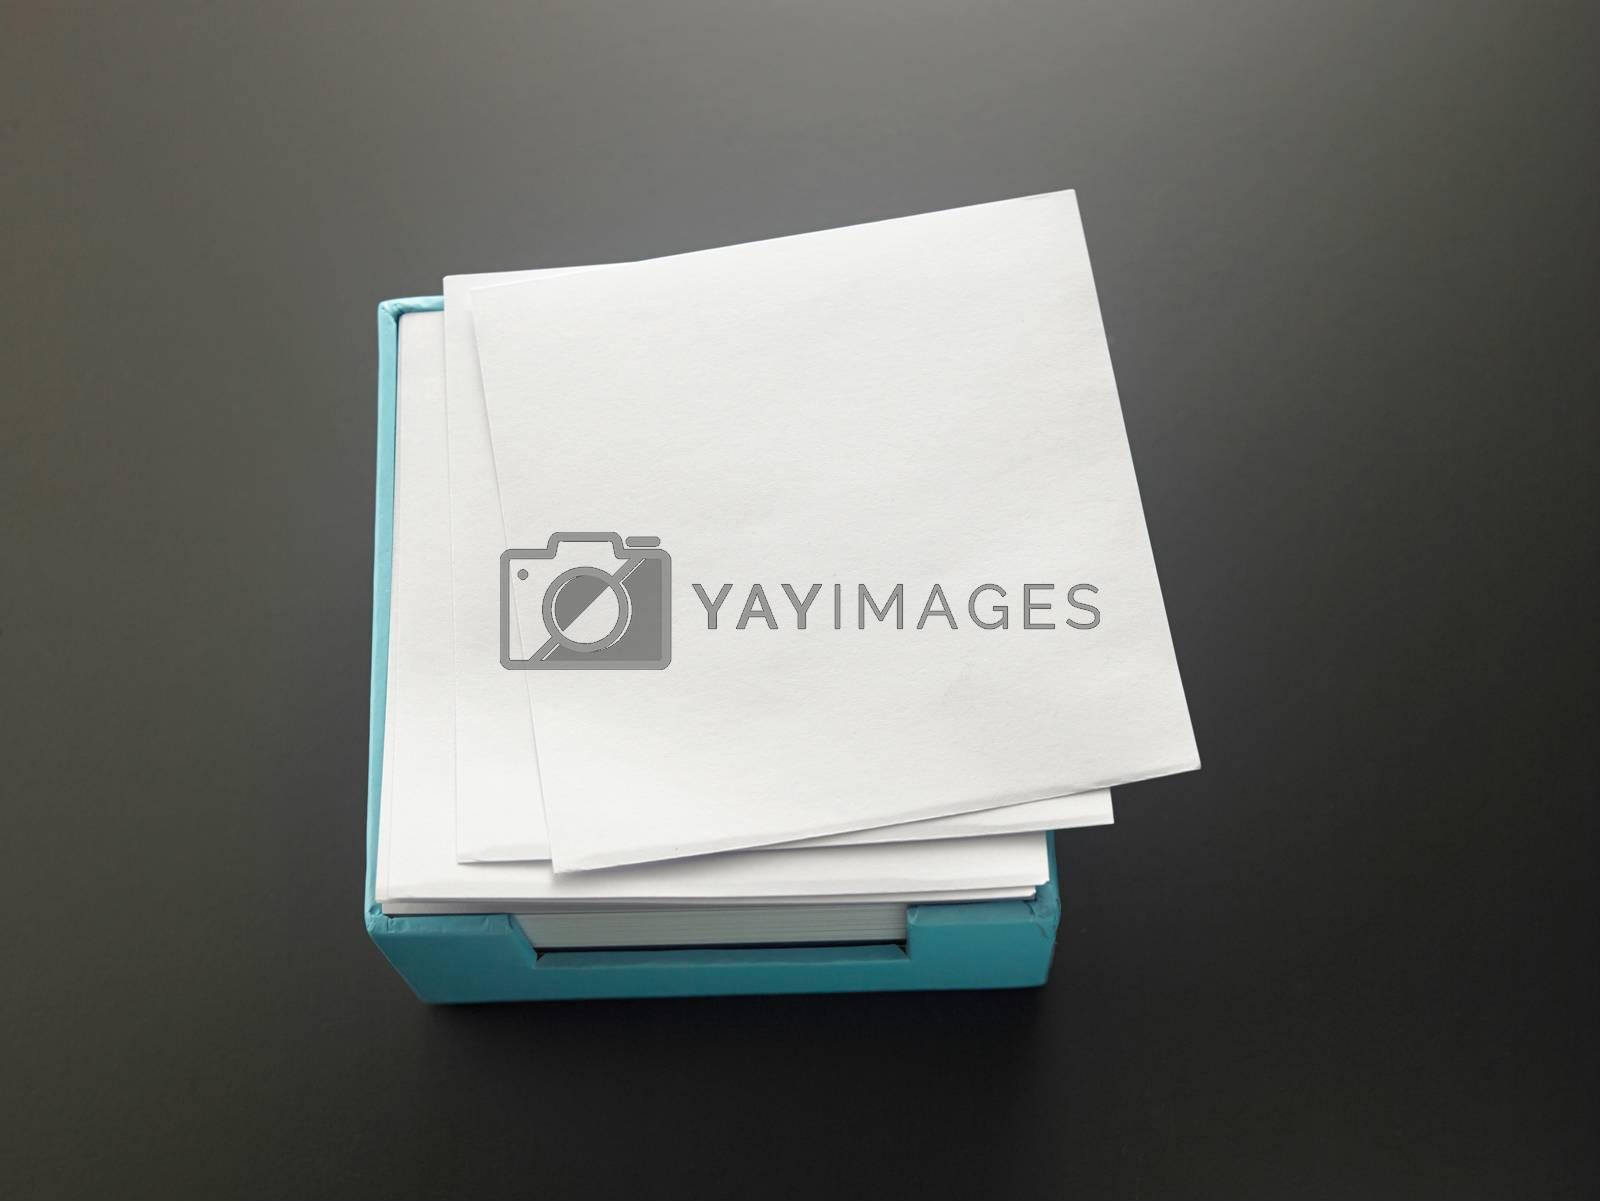 box of the memo pad